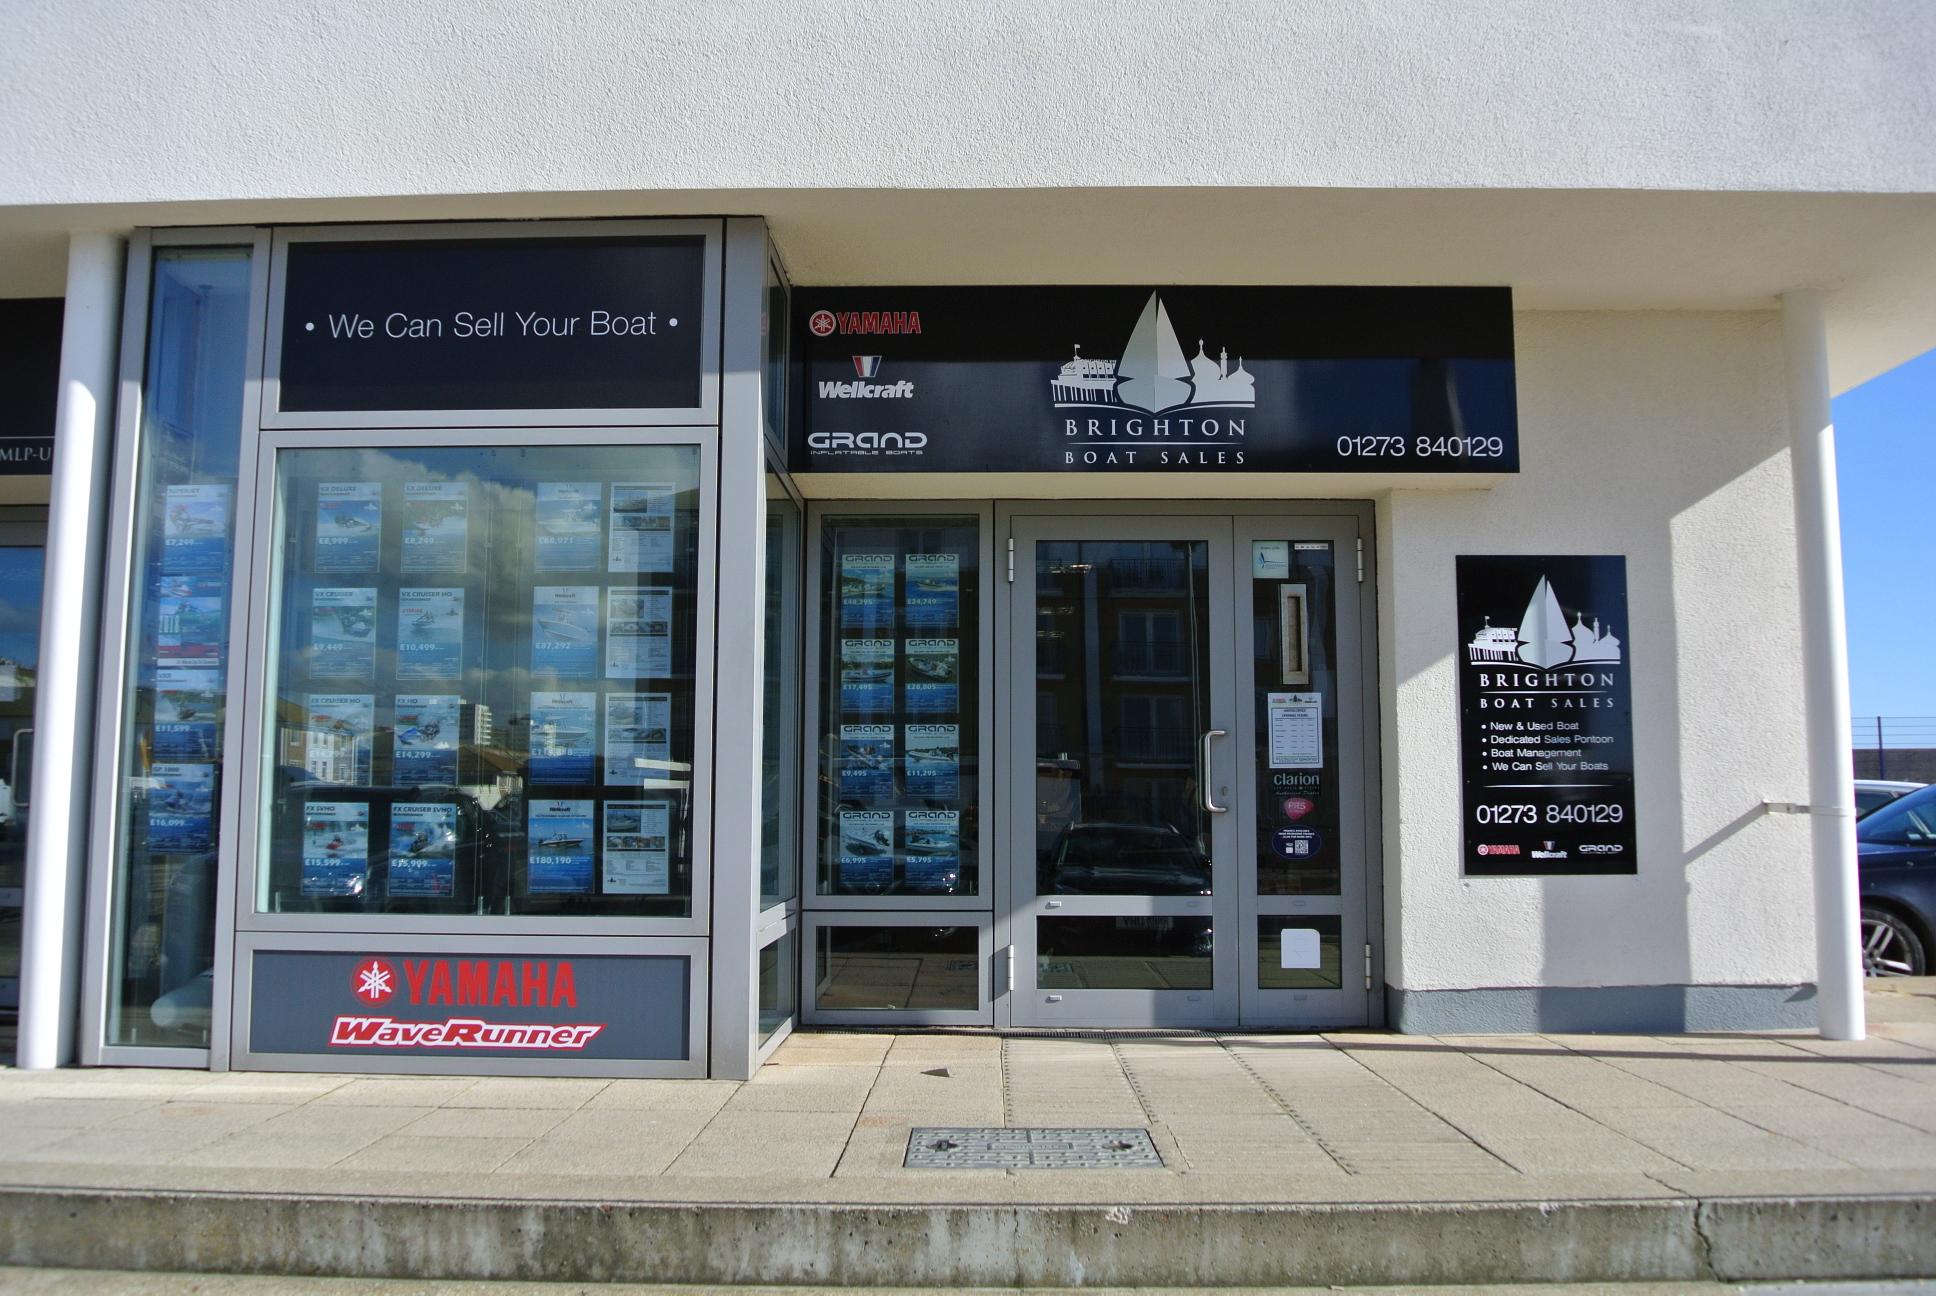 Brighton Boat Sales shop front